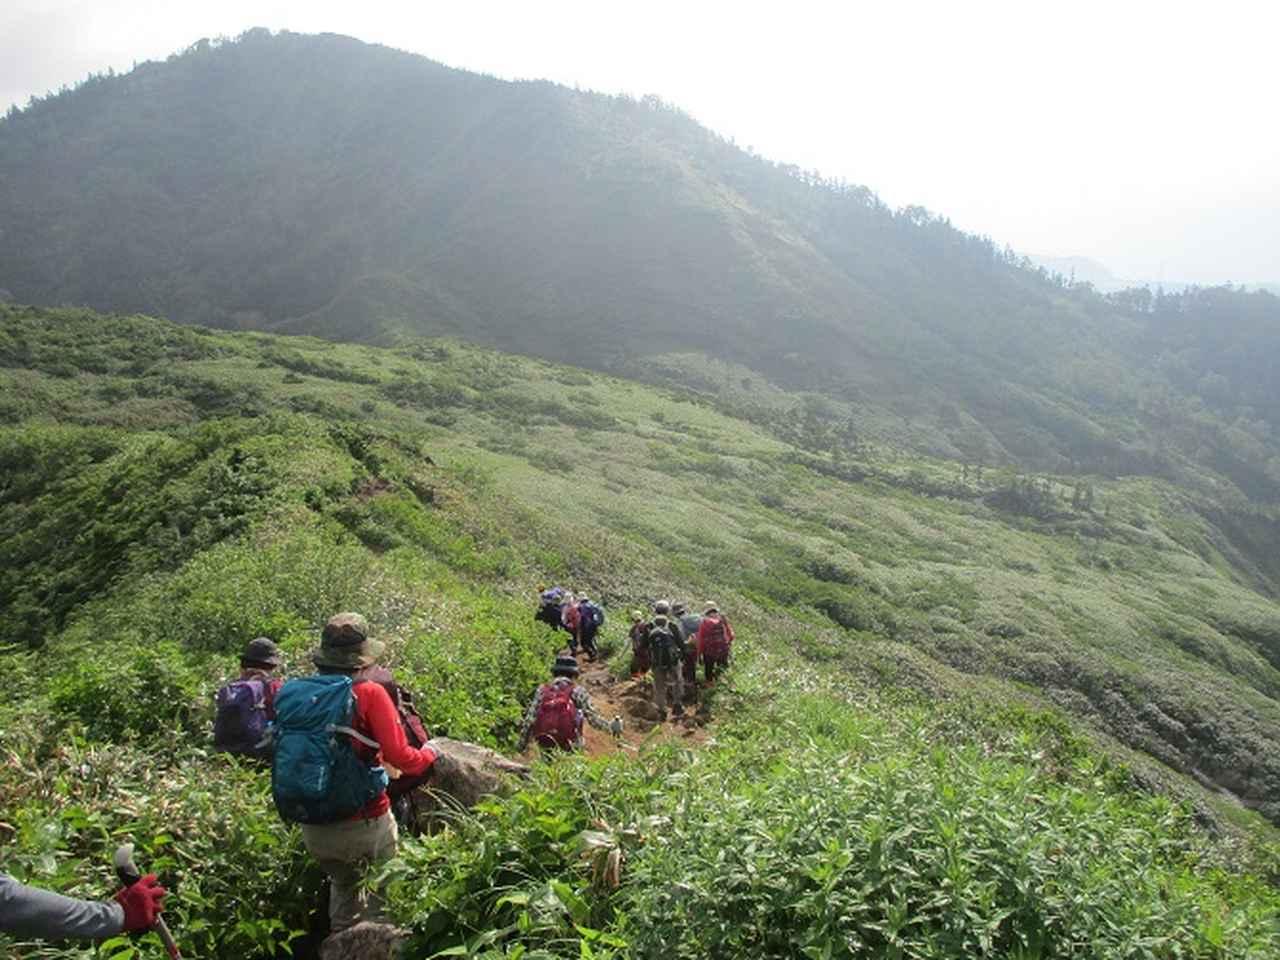 画像12: 7月16日より2泊で山旅会 「三国山と苗場山」 ツアーに行ってきました!